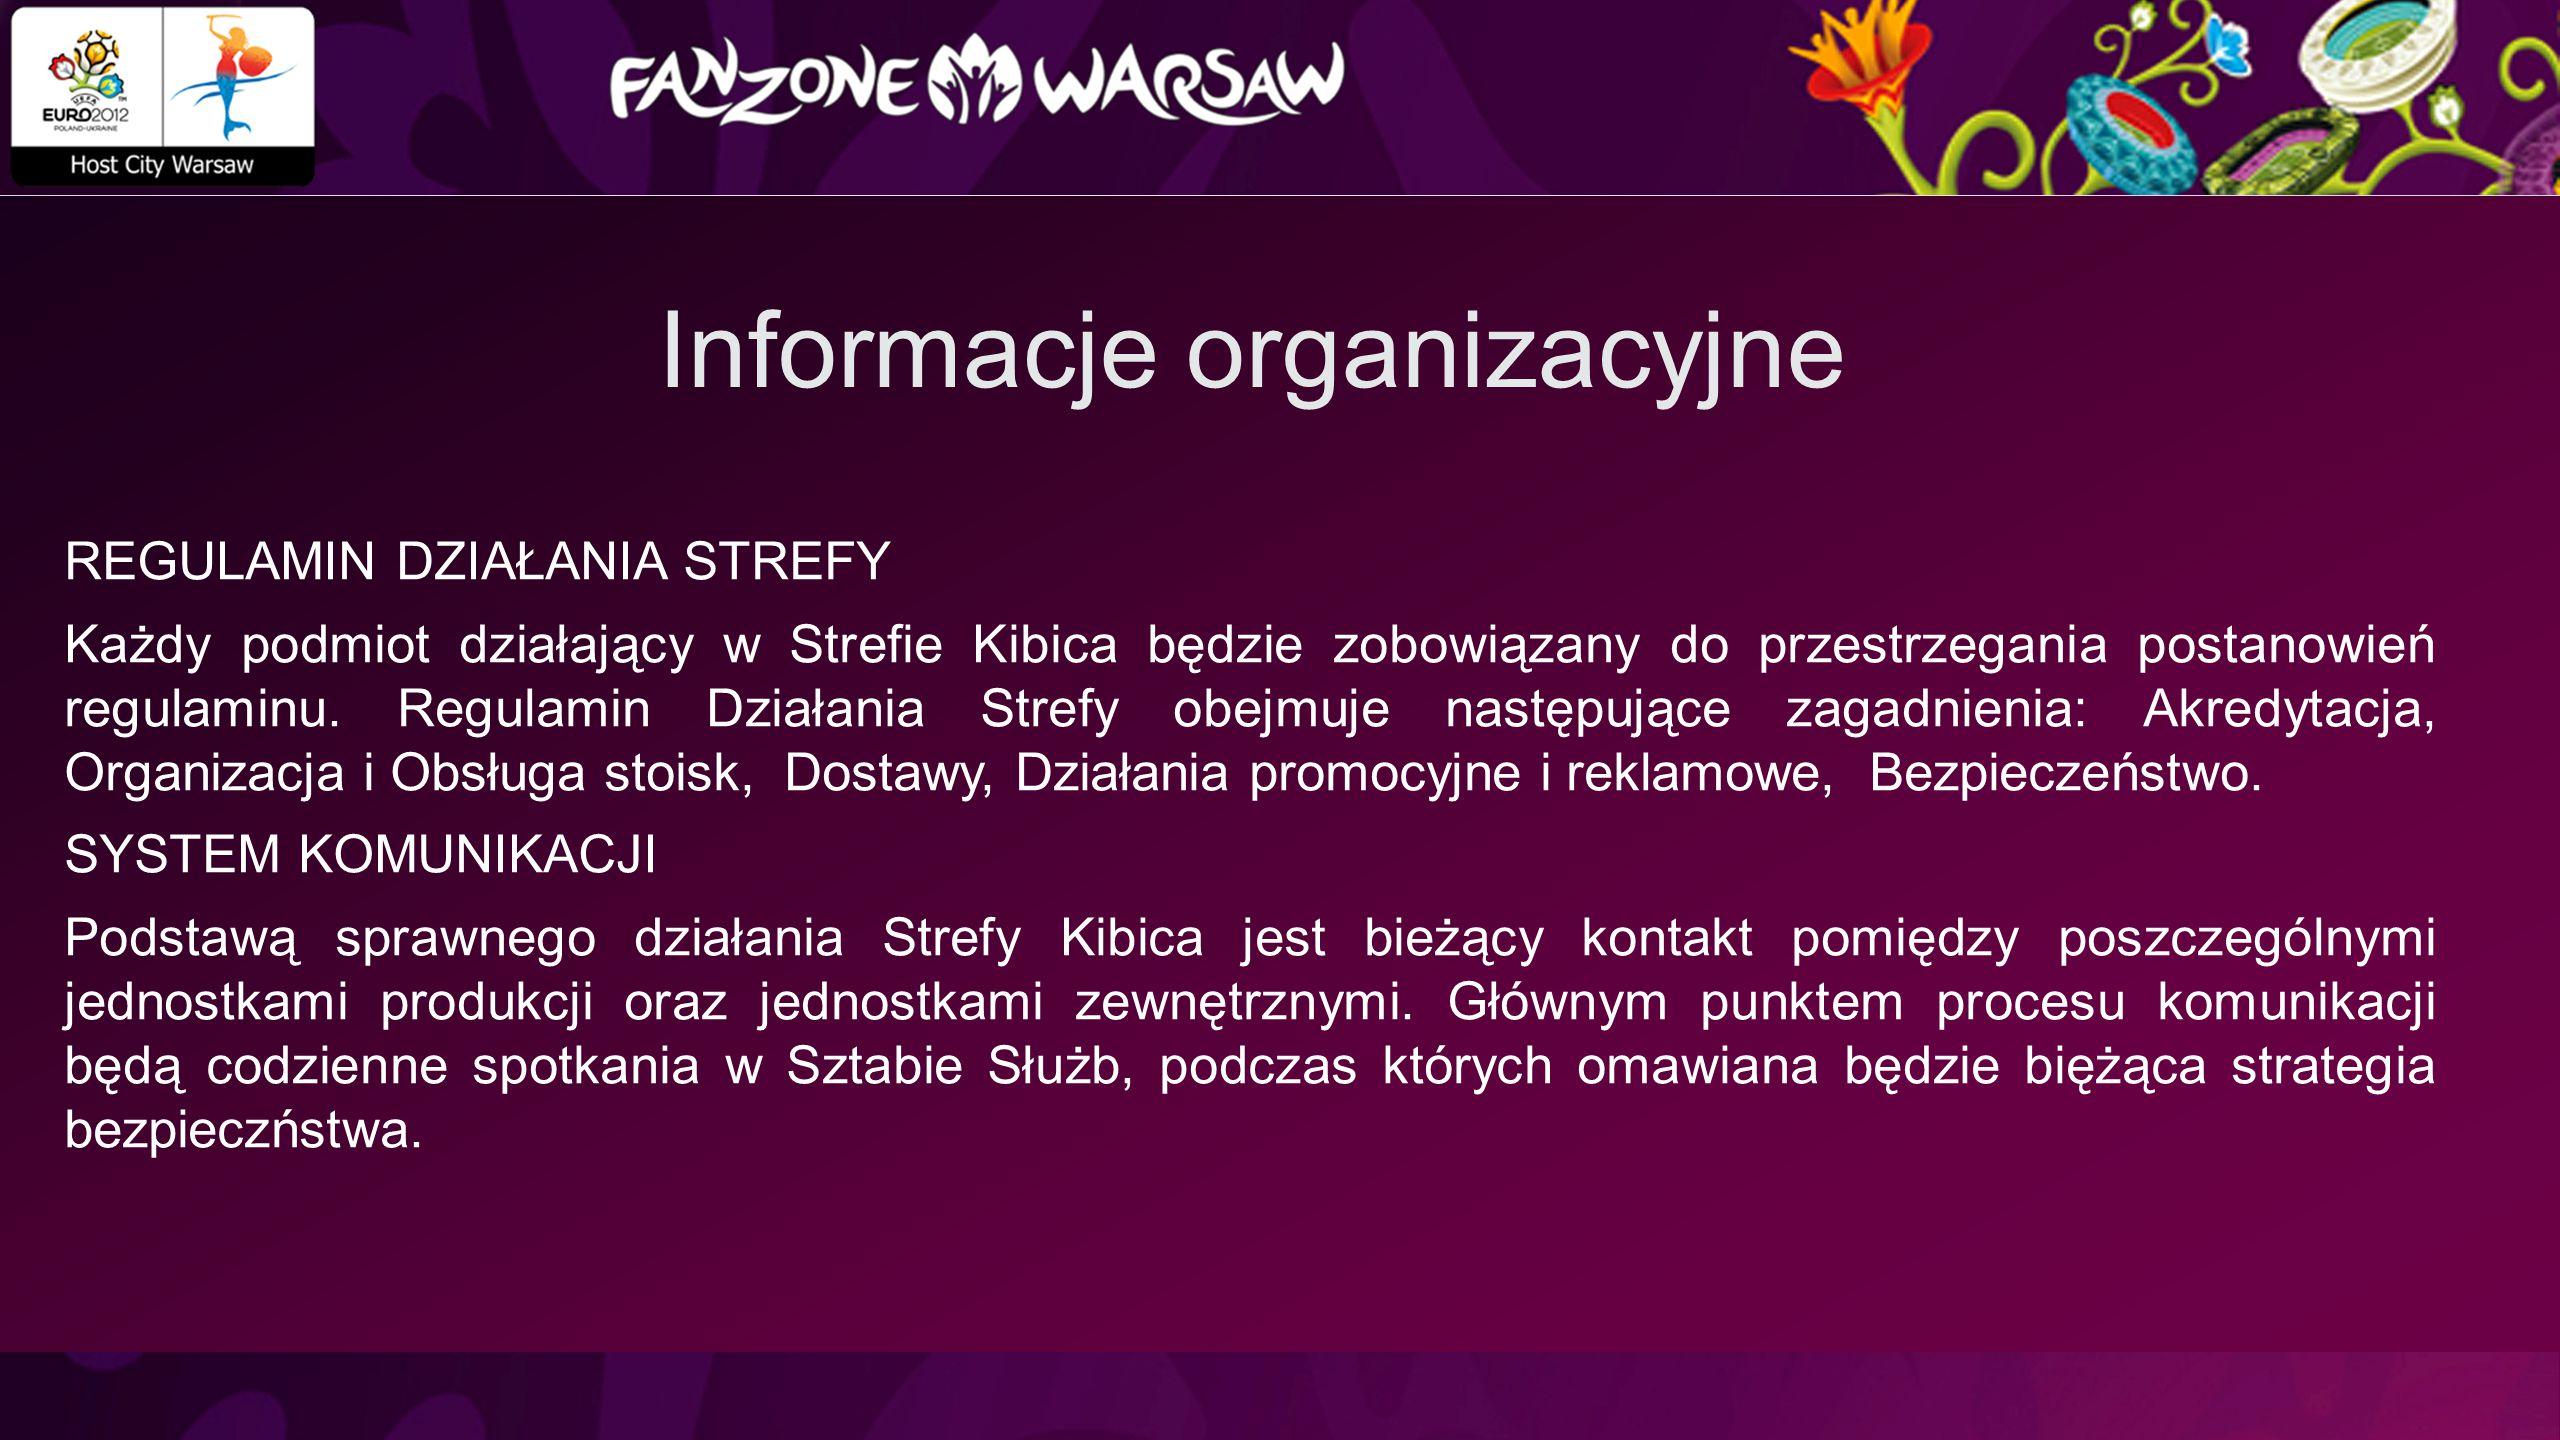 Informacje organizacyjne REGULAMIN DZIAŁANIA STREFY Każdy podmiot działający w Strefie Kibica będzie zobowiązany do przestrzegania postanowień regulaminu.